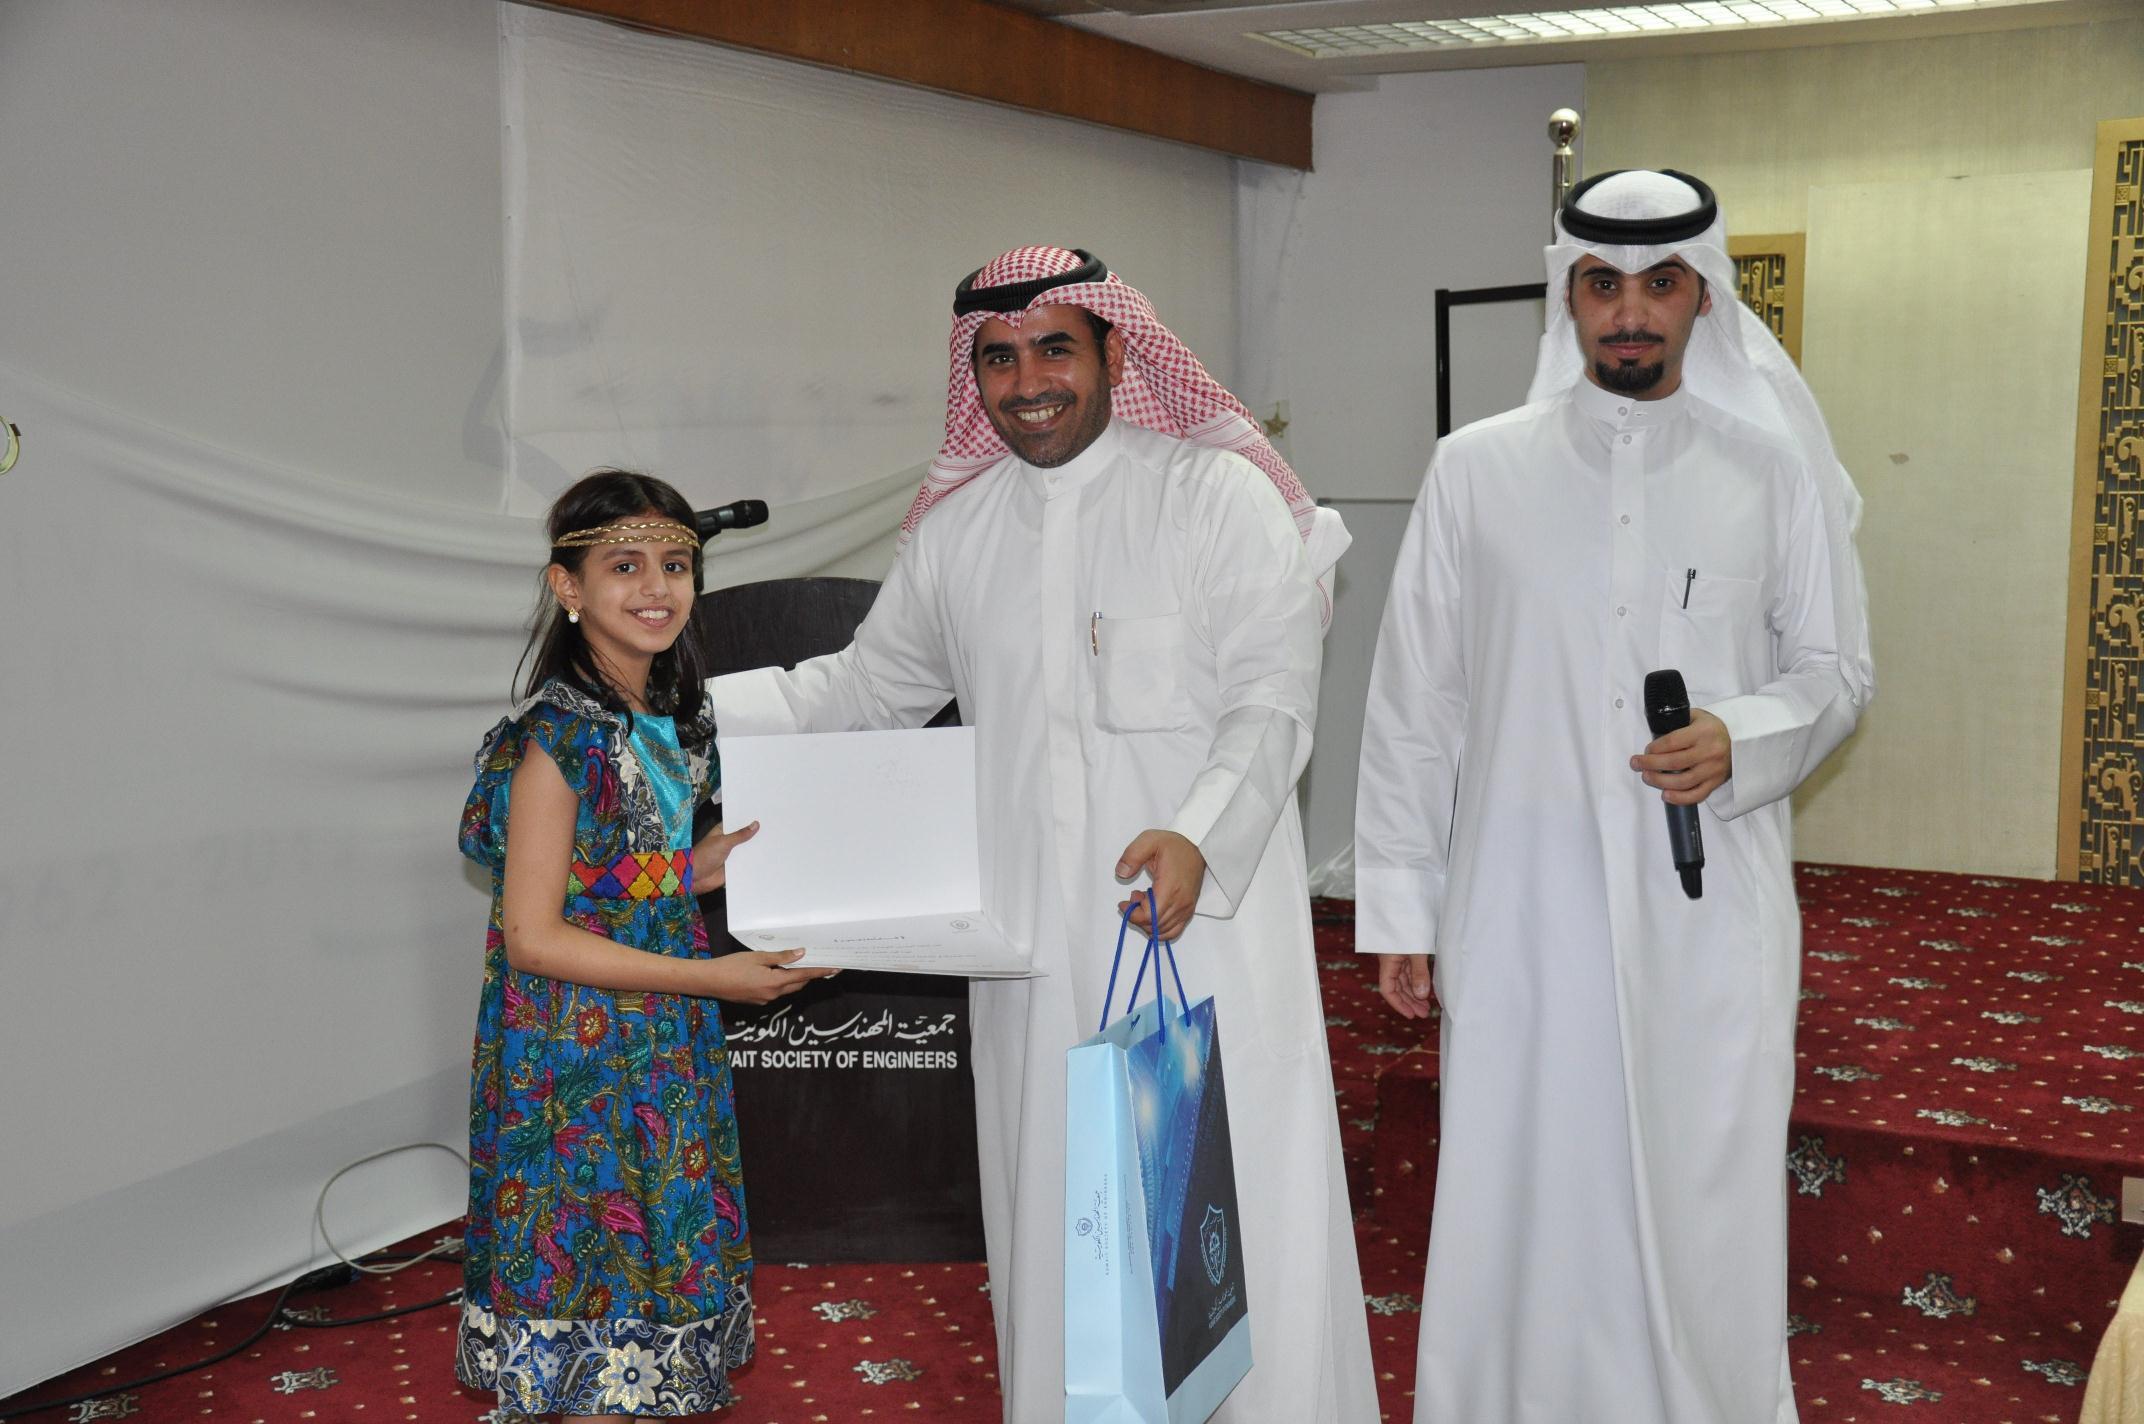 أعلن اسماء الفائزين بمسابقة القرآن السادسة بجمعية المهندسين